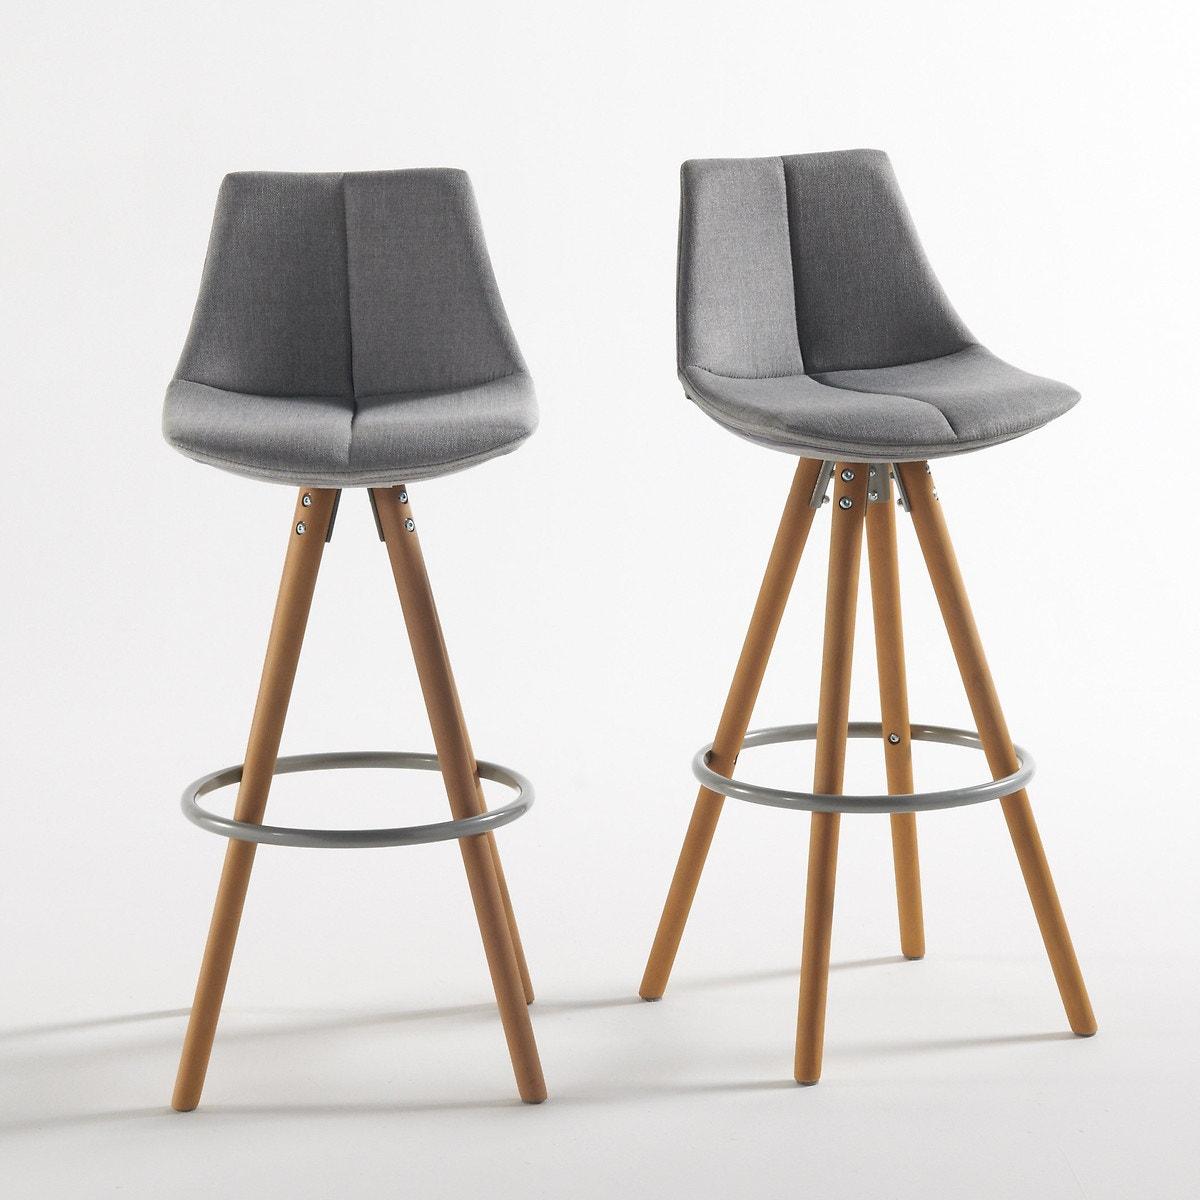 Καρέκλες μπαρ Asting (σετ των 2) σπιτι   έπιπλα   σκαμπό